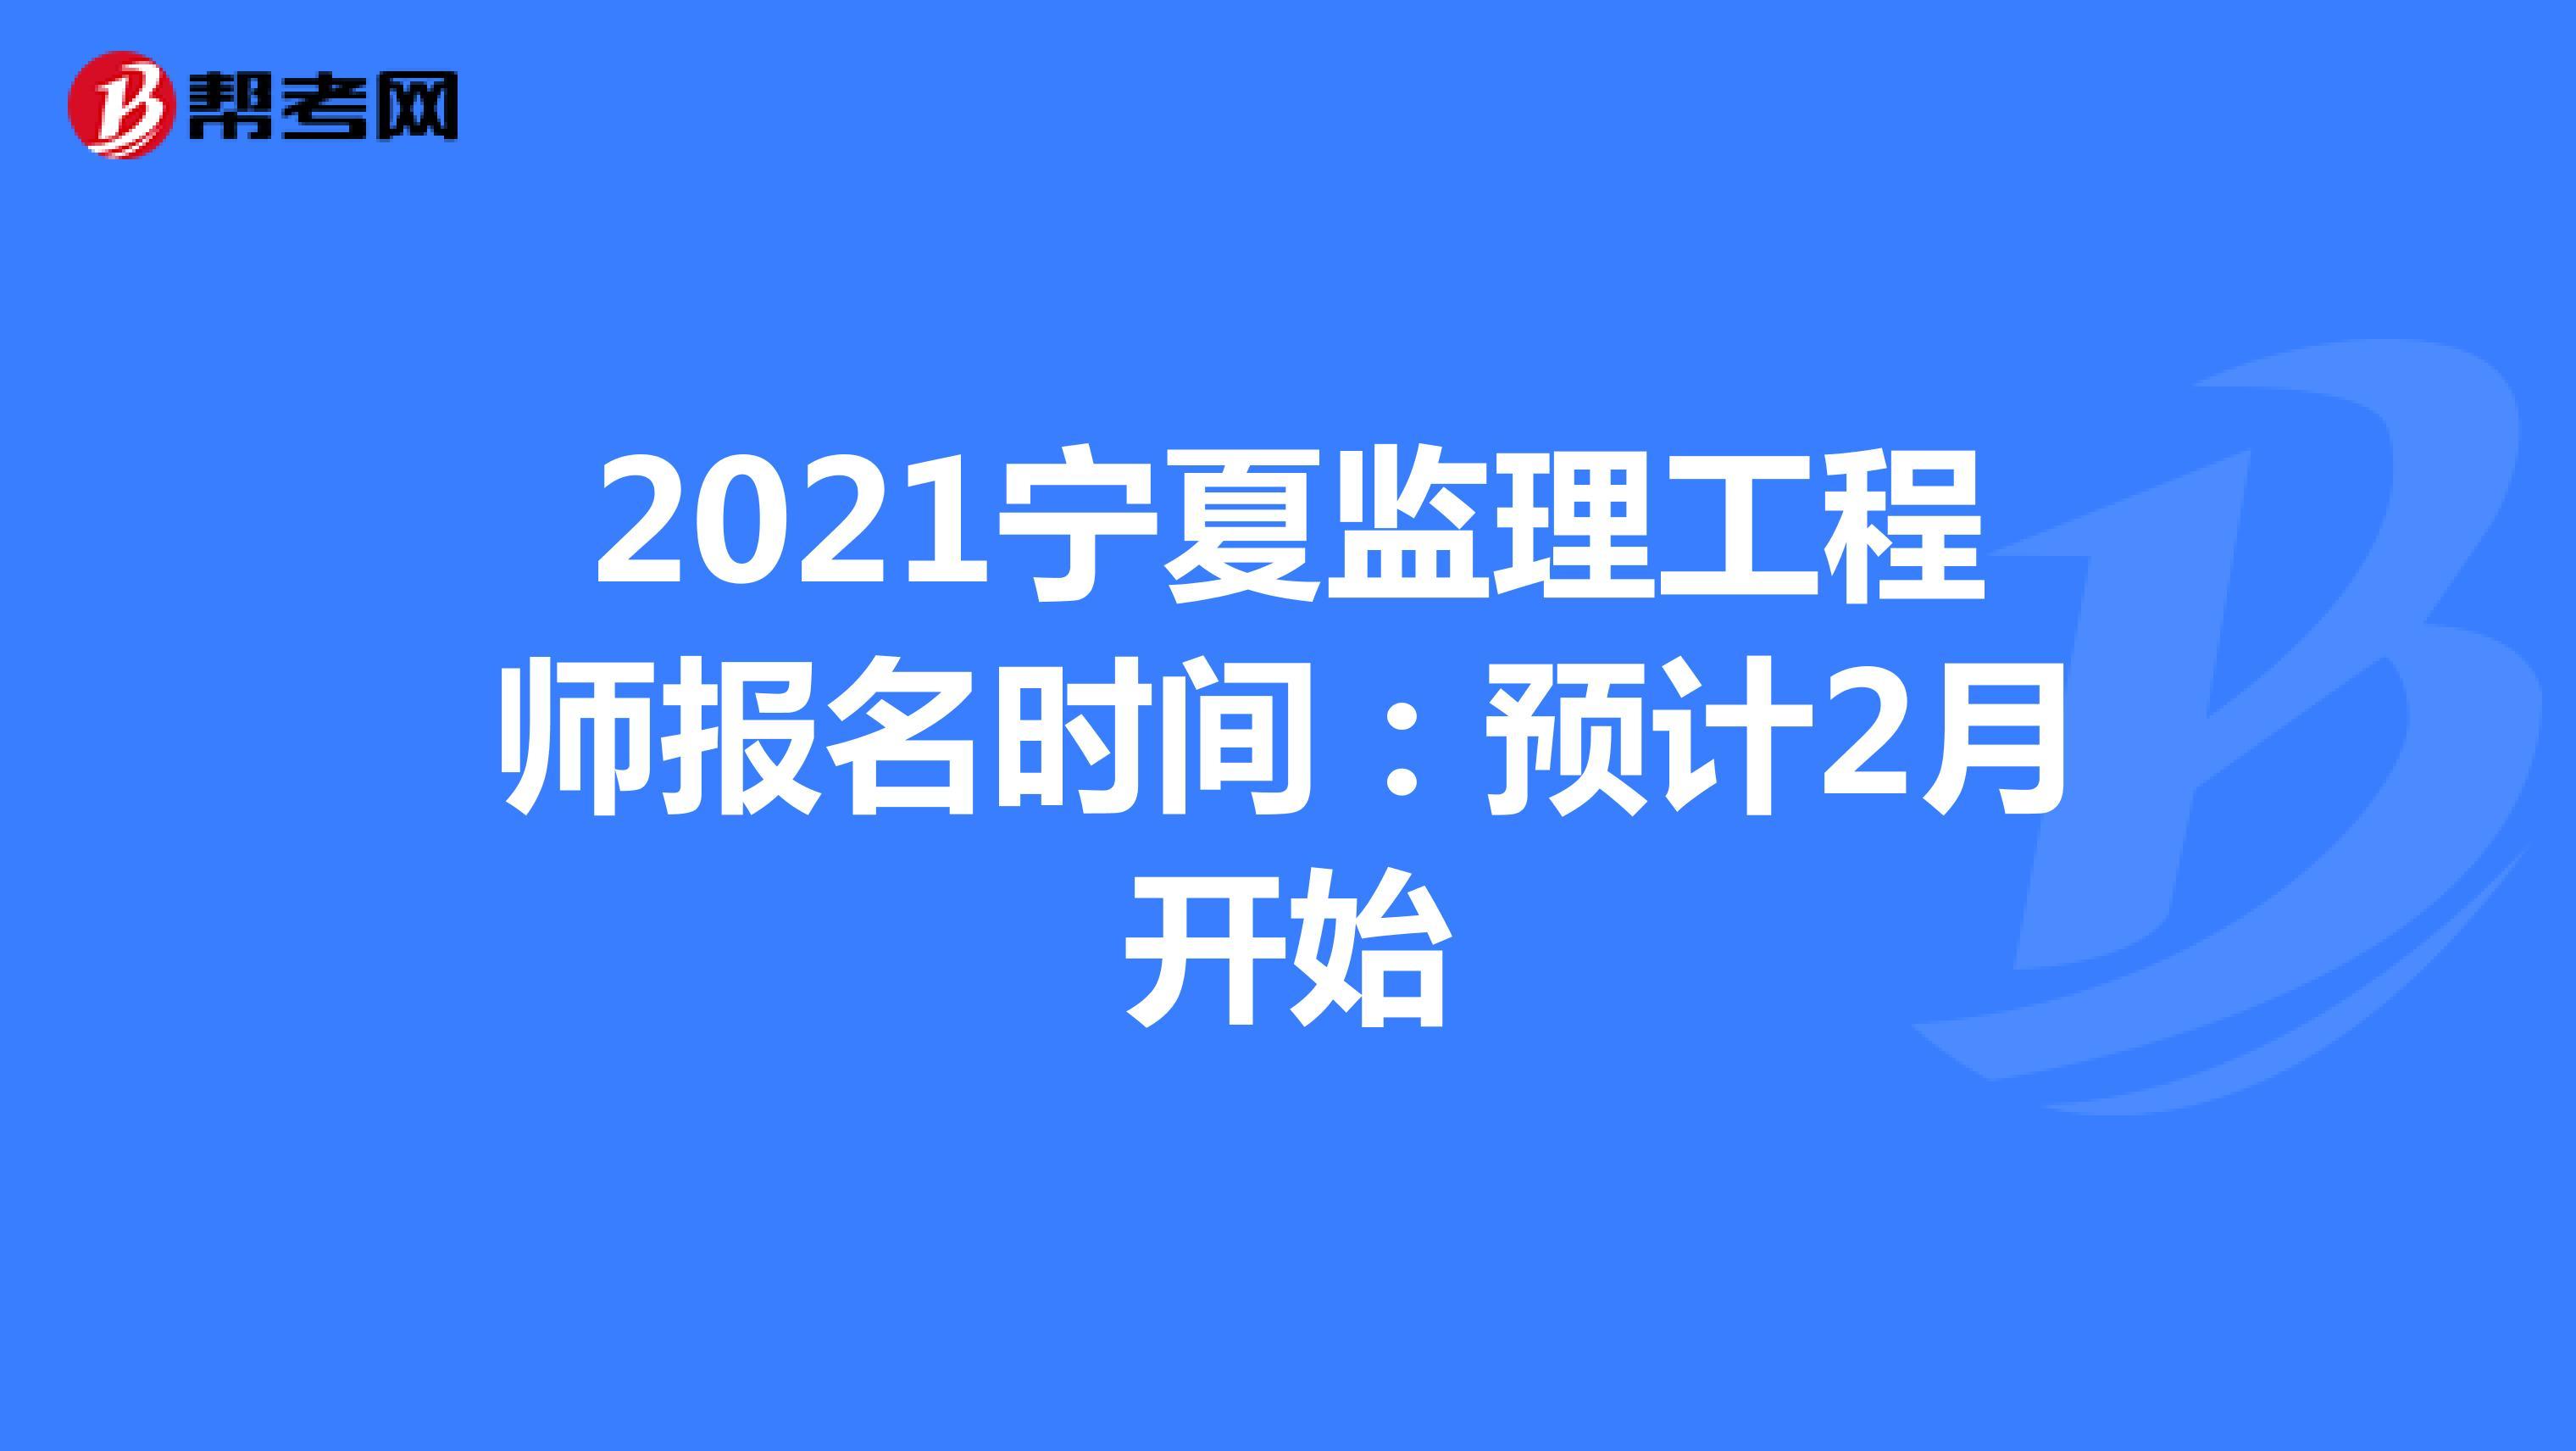 2021宁夏监理工程师报名时间:预计2月开始